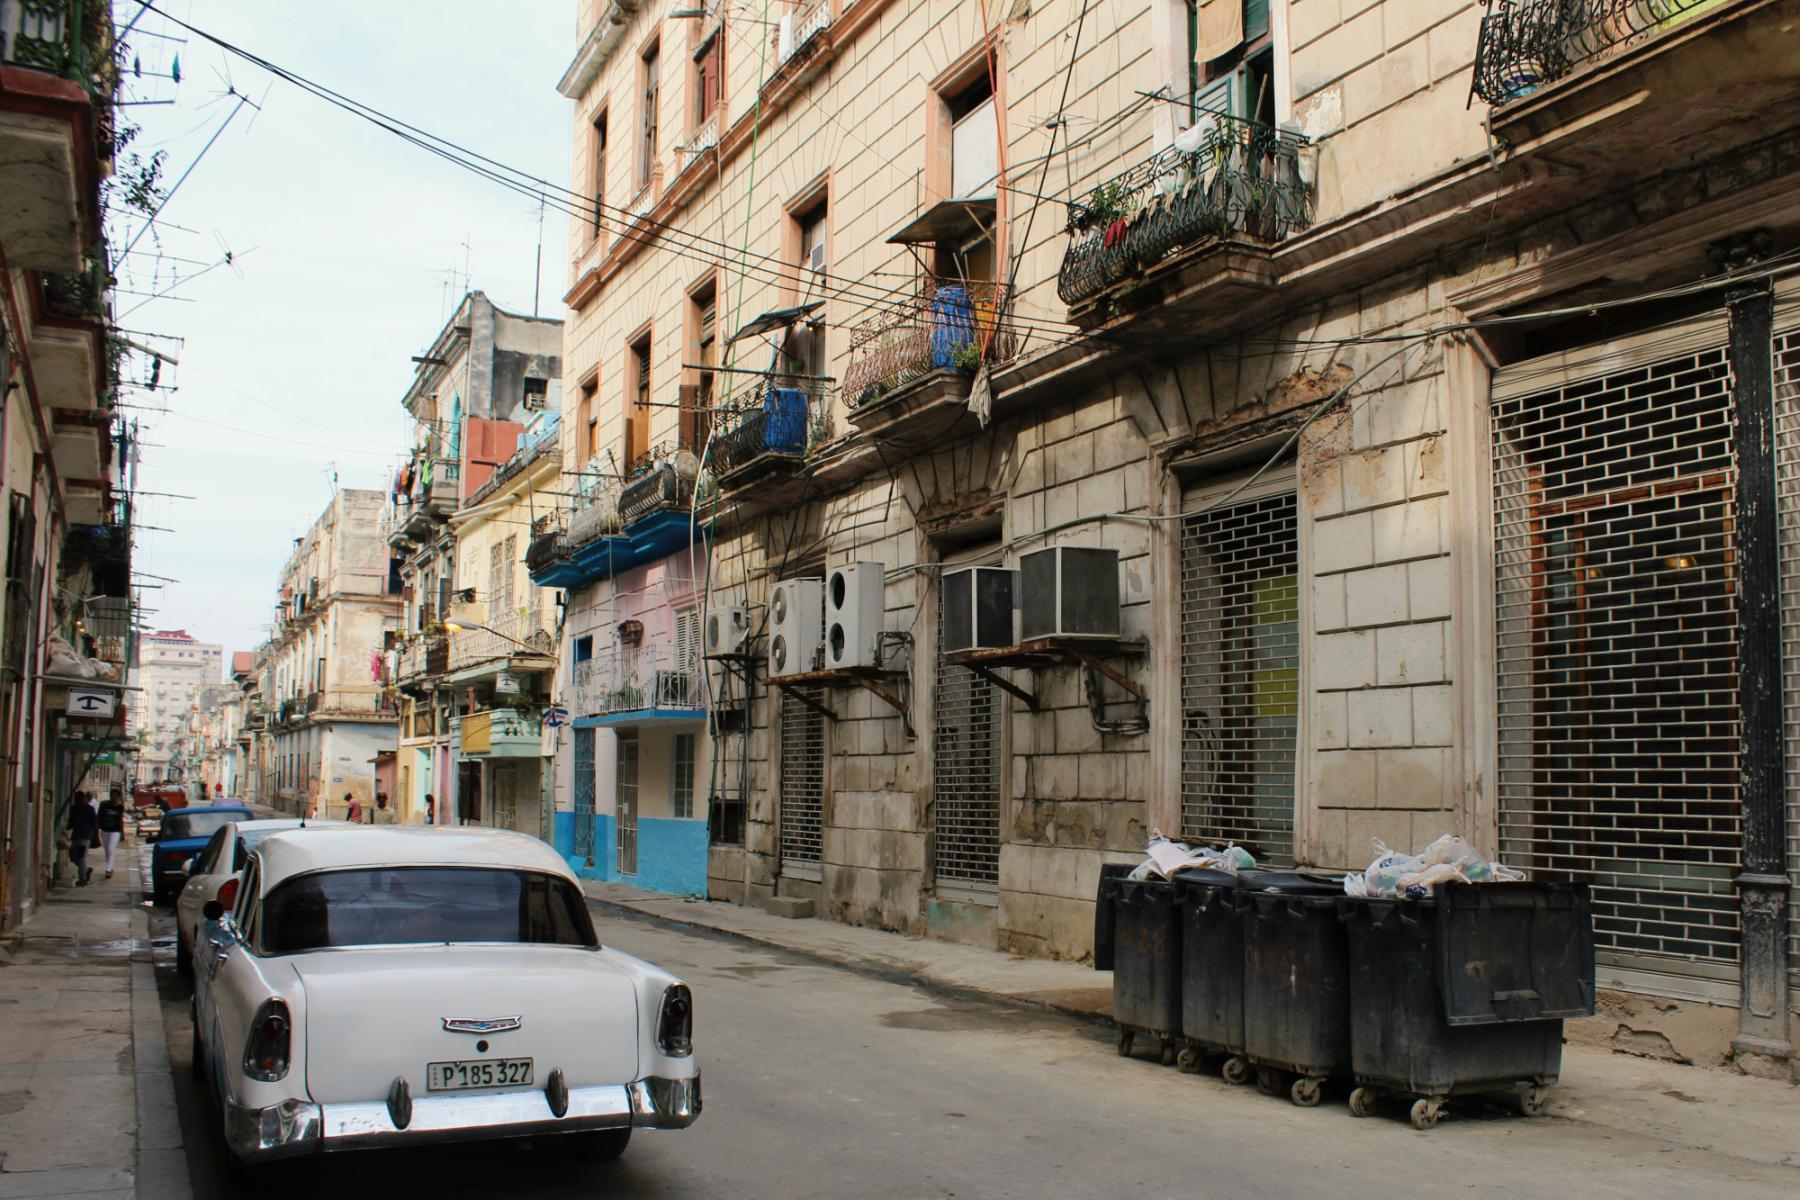 Dovolenka na Kube: Čo treba pred cestou vedieť a na čo si dávať pozor?